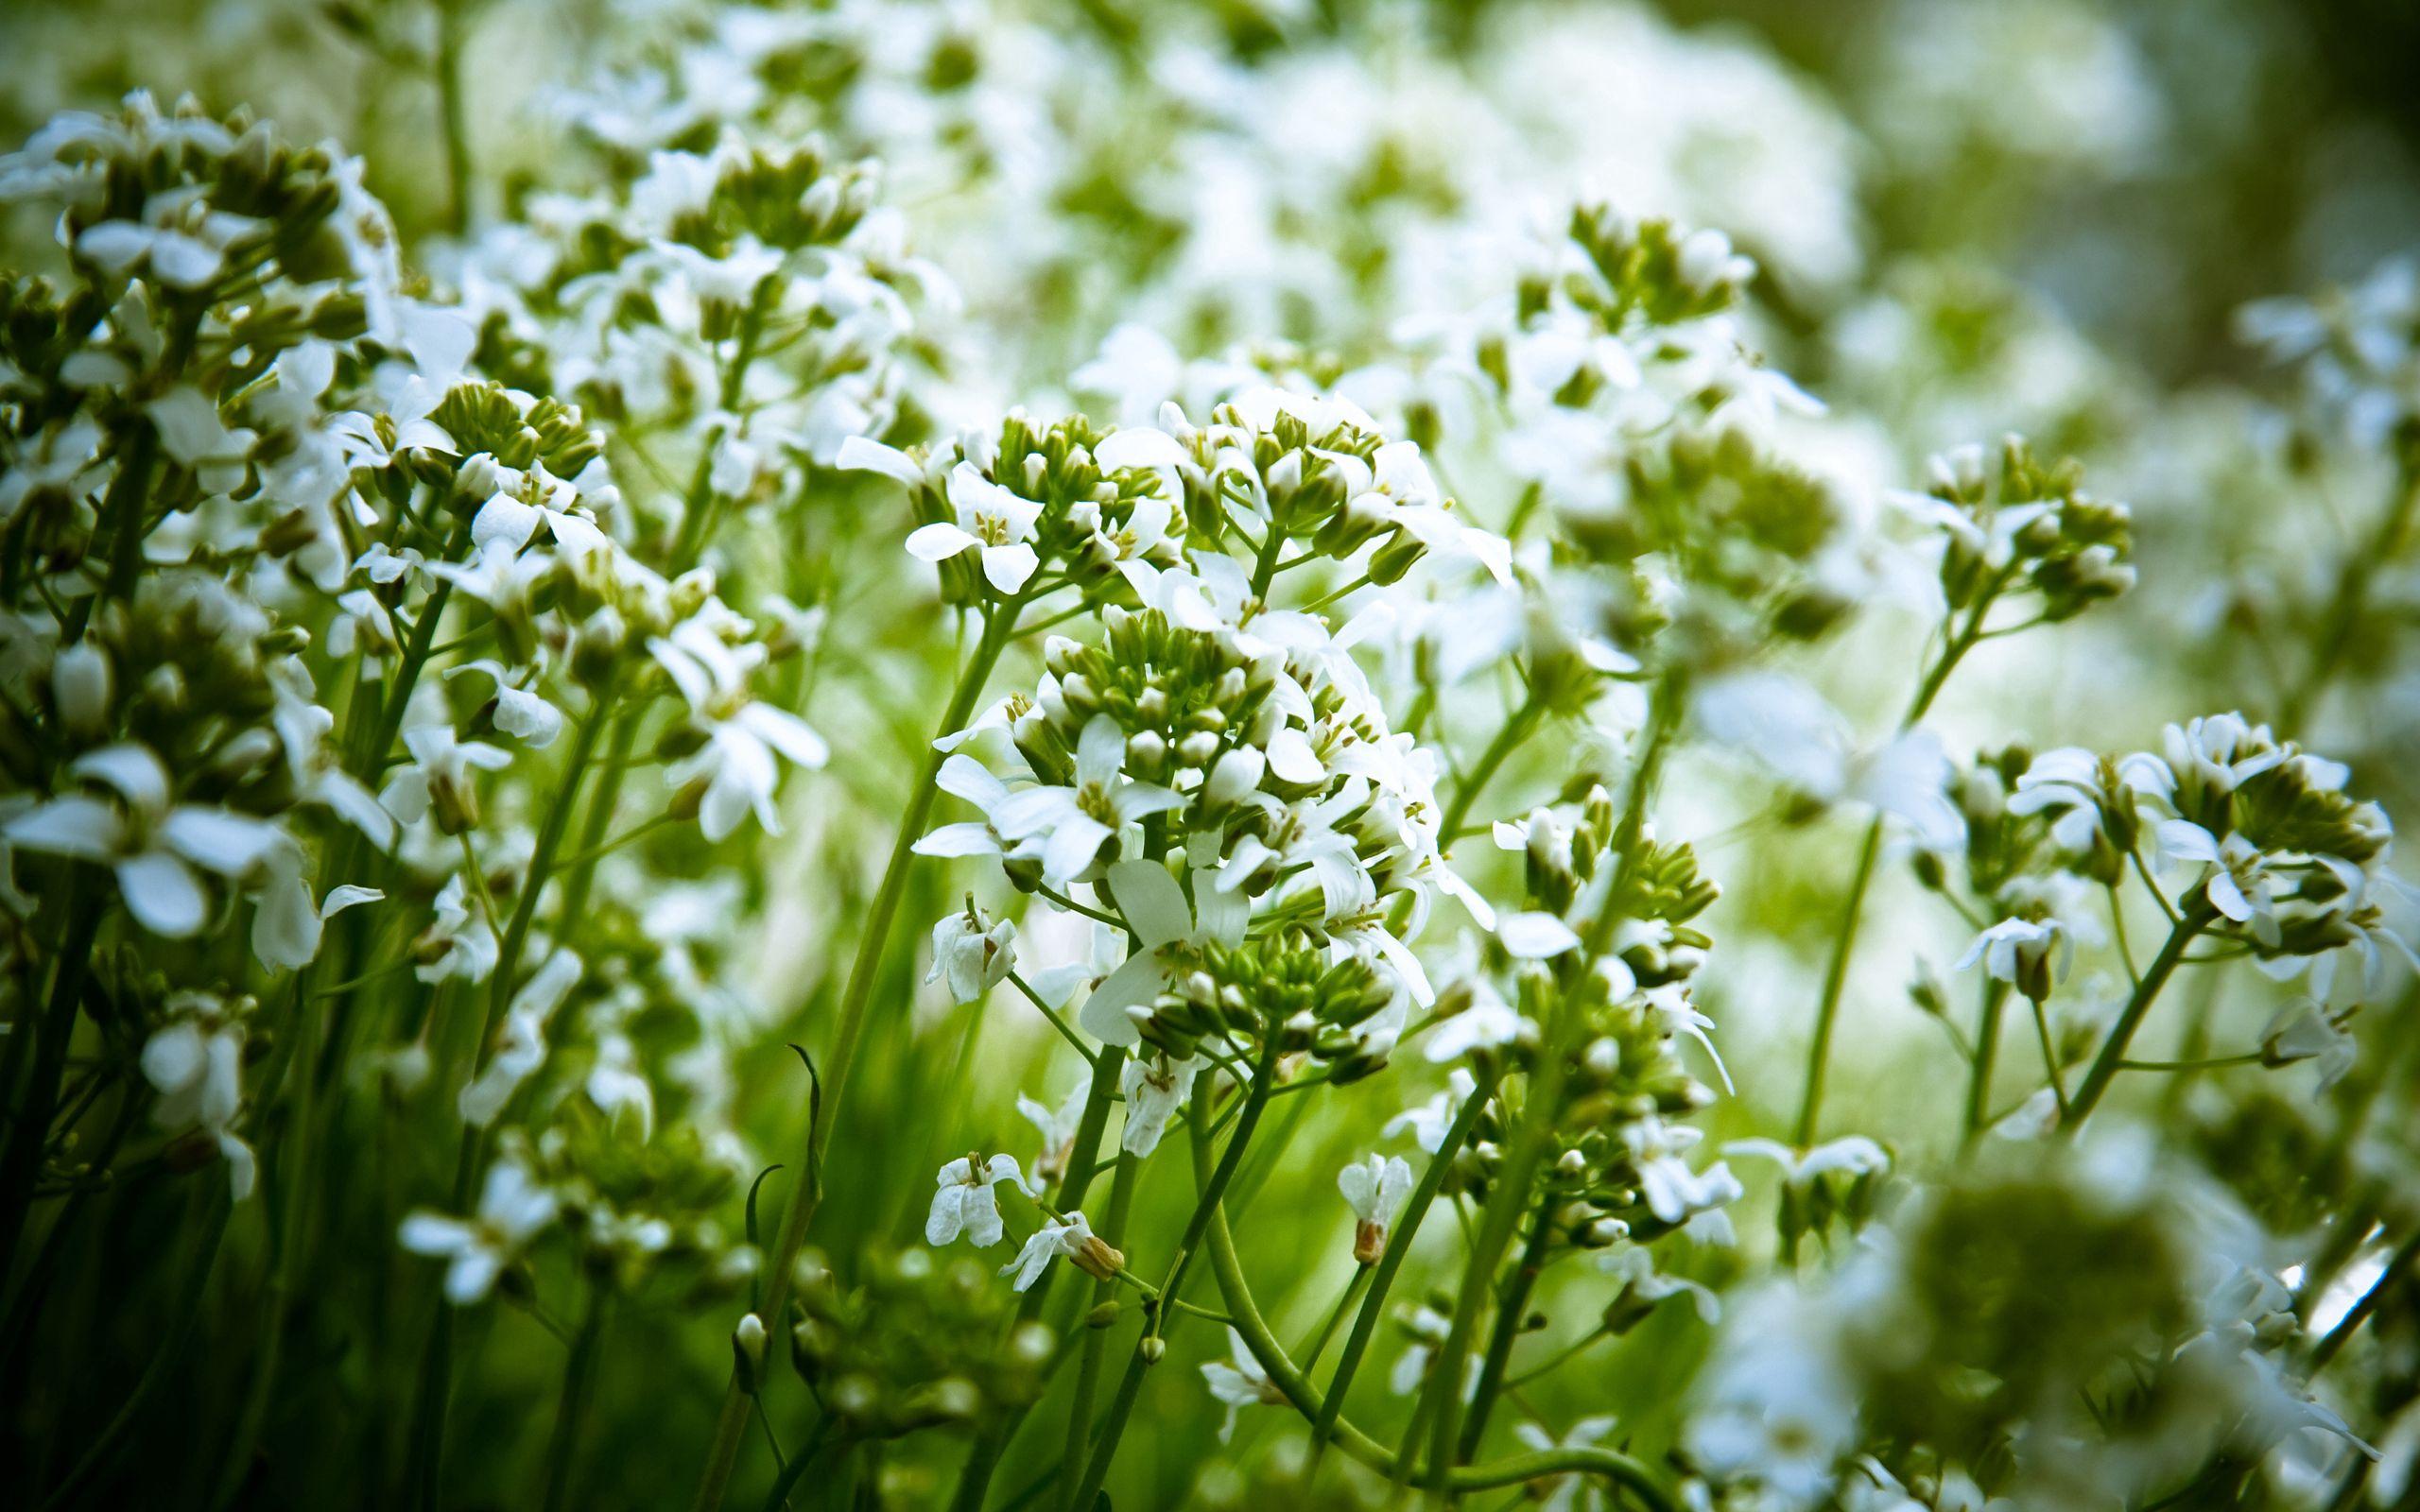 142139 скачать обои Цветы, Природа, Растения - заставки и картинки бесплатно